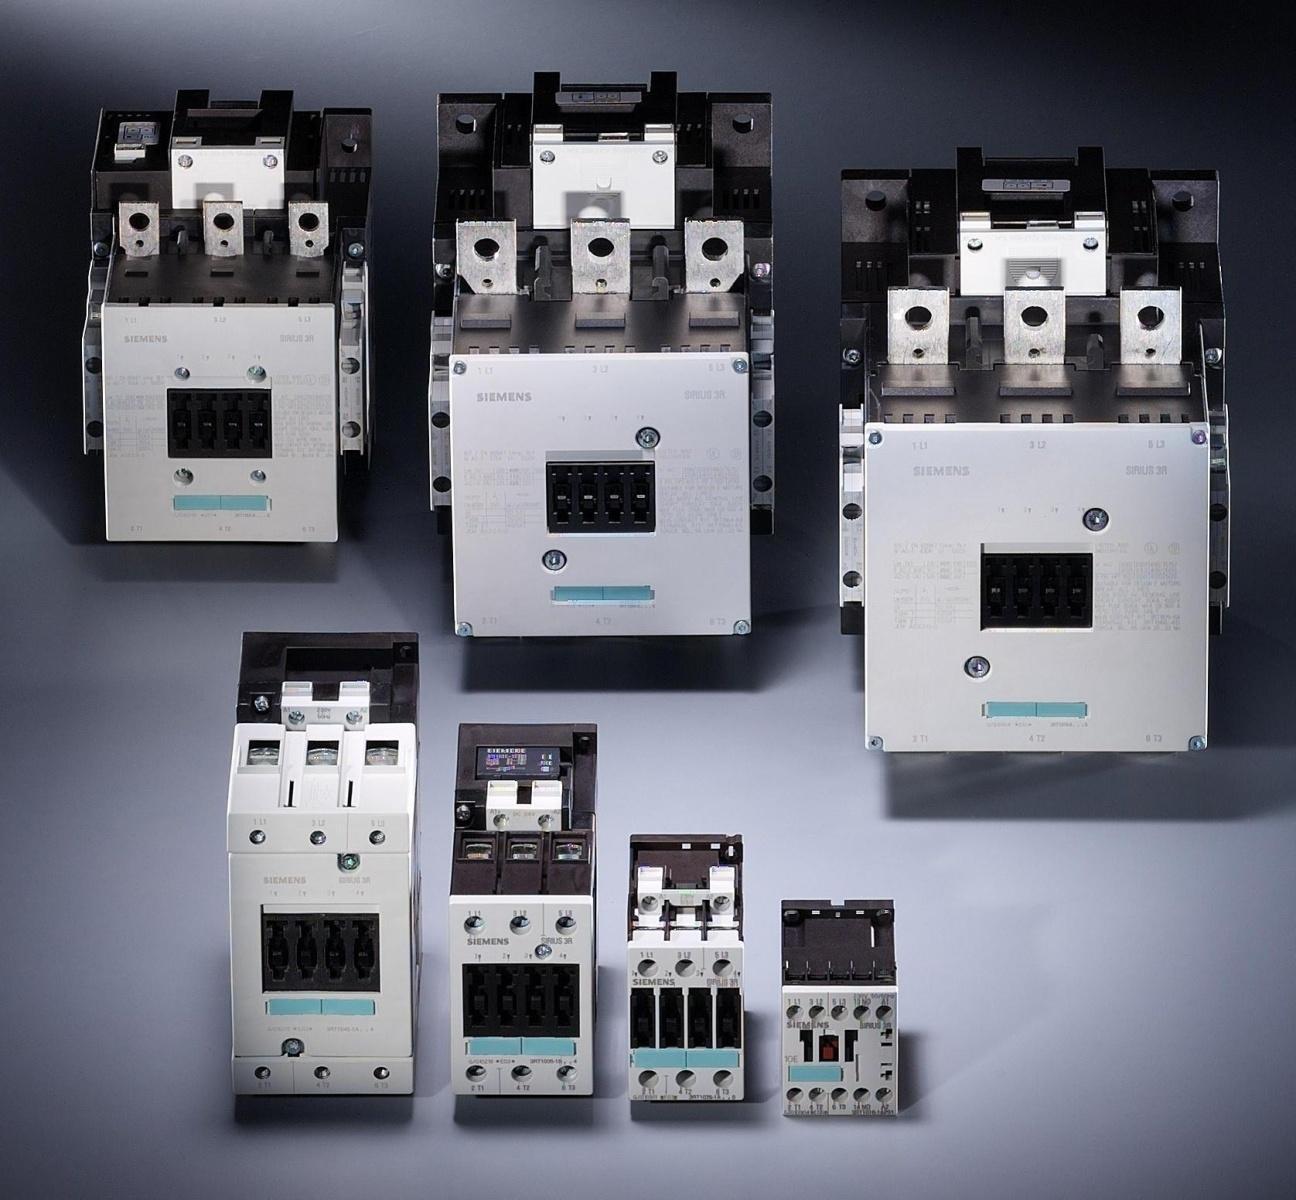 اجزاء من دارات التحكم (الكونتاكتورات ضواغط تشغيل وايقاف ريليات ولوحات) 806351236